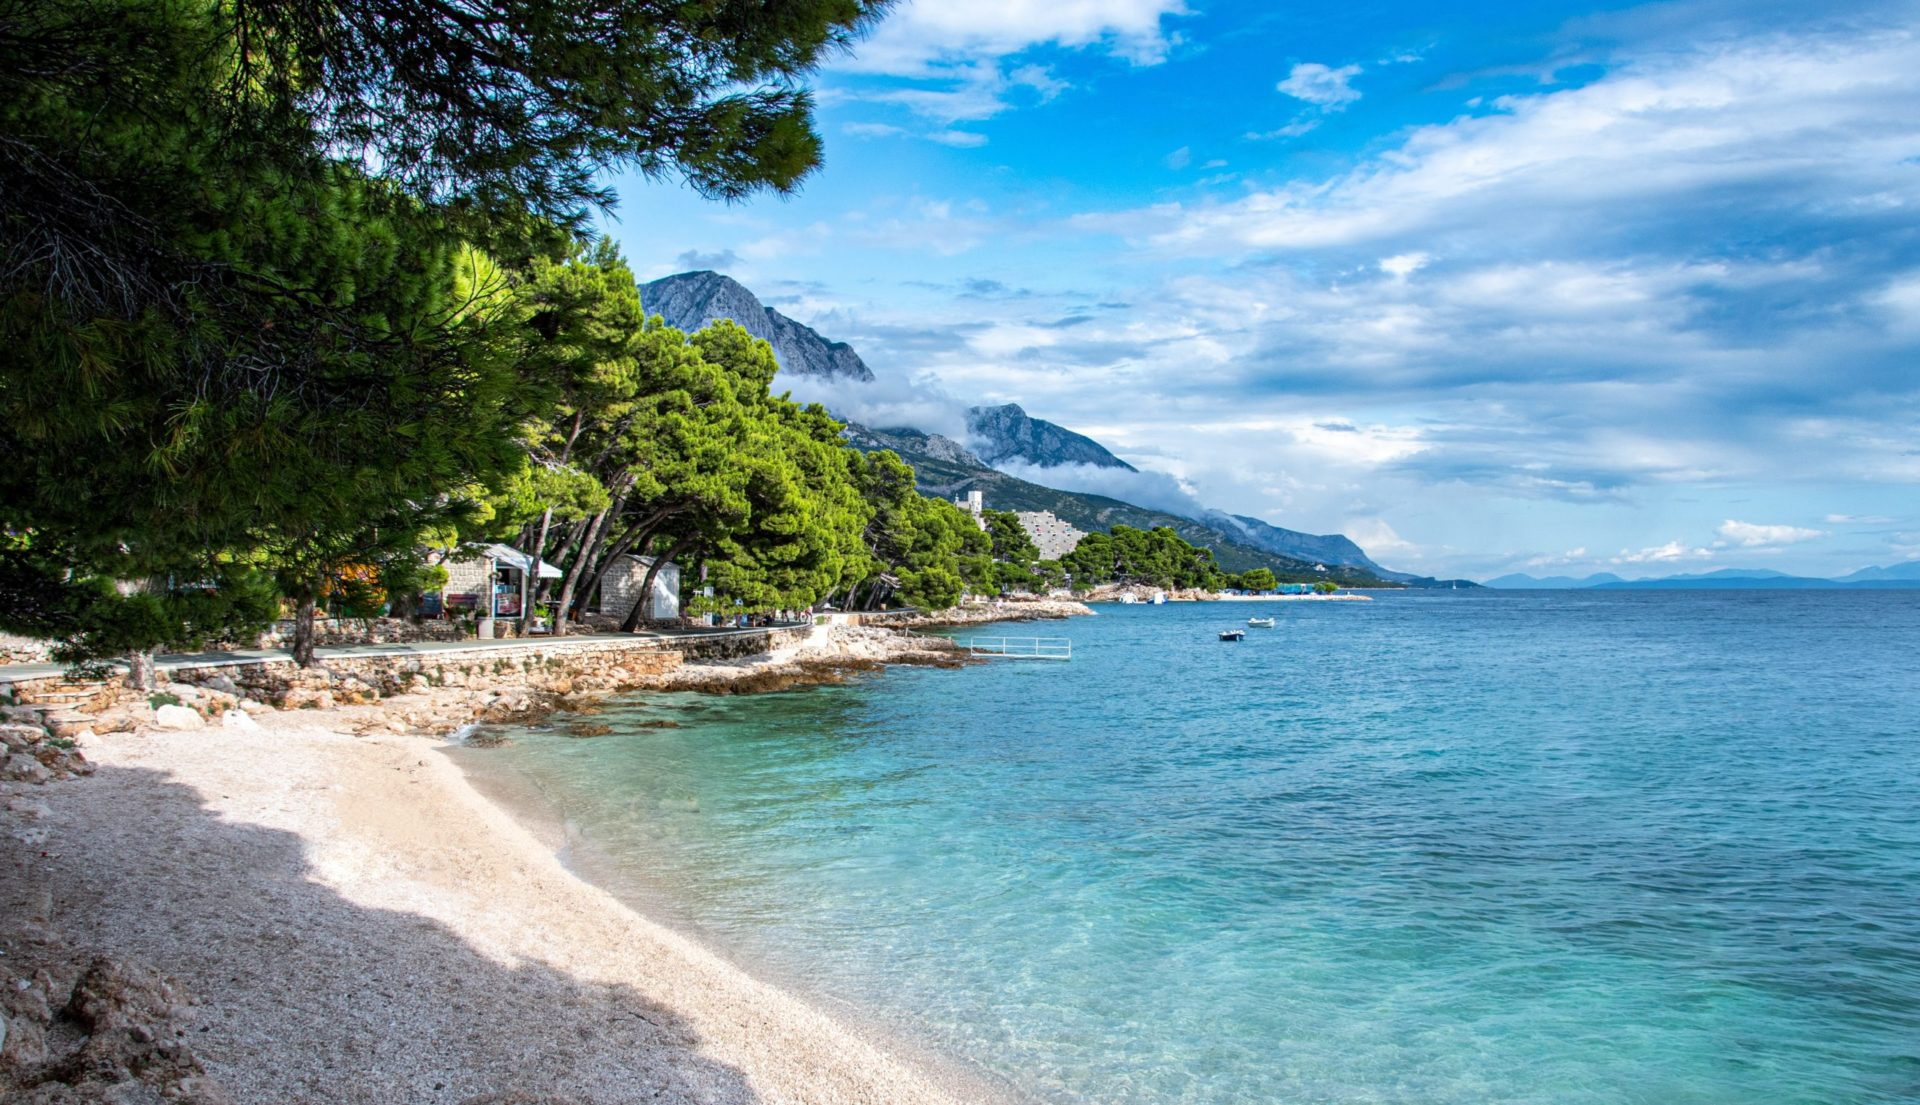 Wassertemperatur Makarska